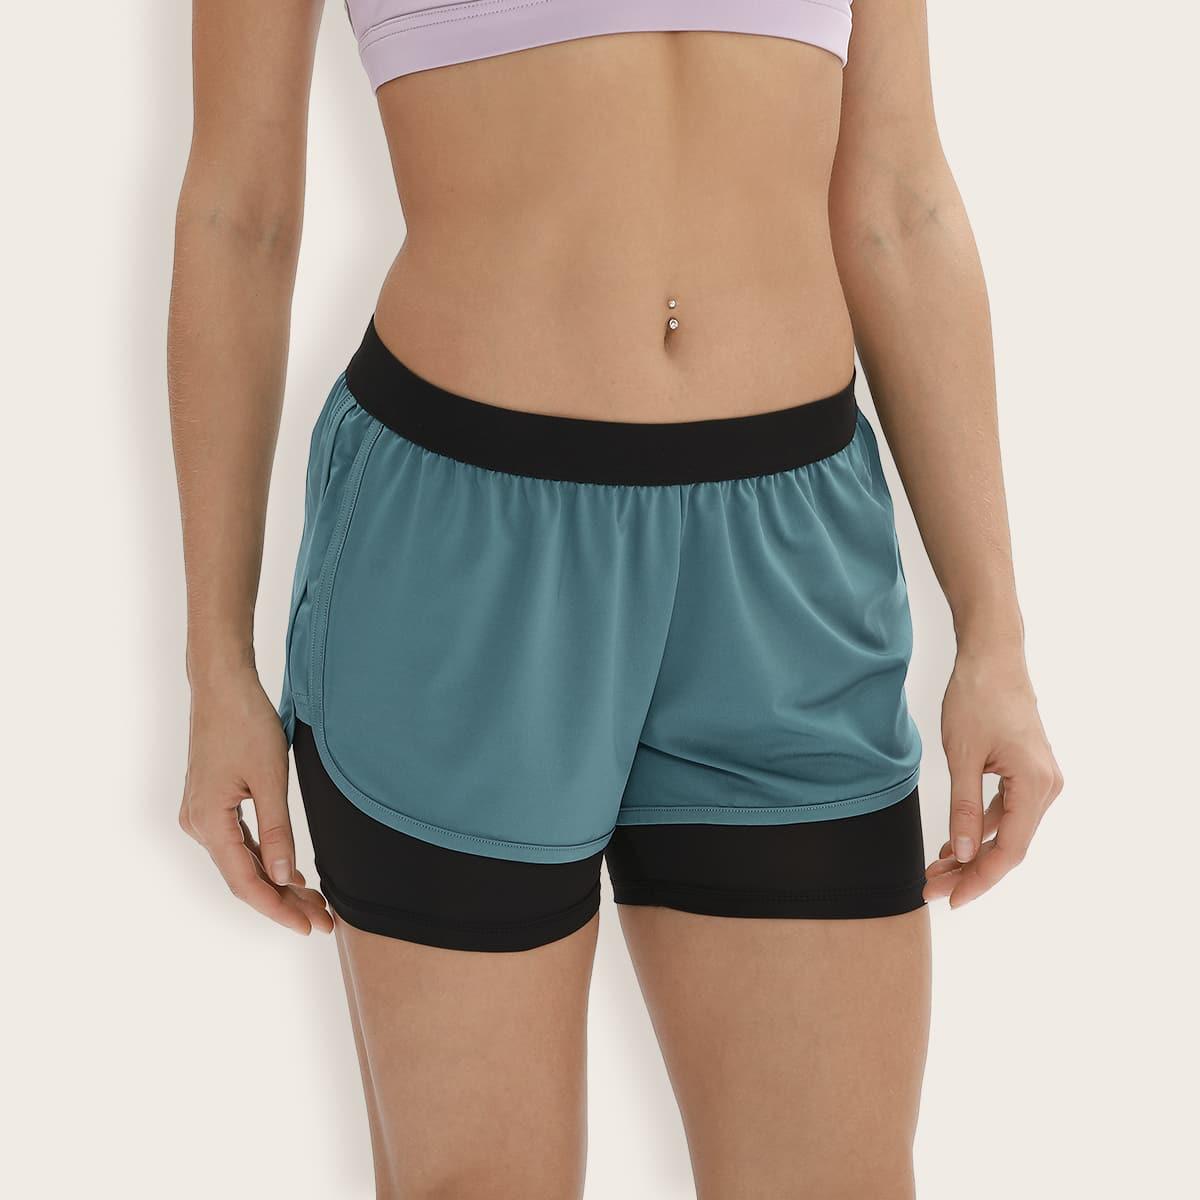 2 в 1 спортивные шорты с эластичной талией